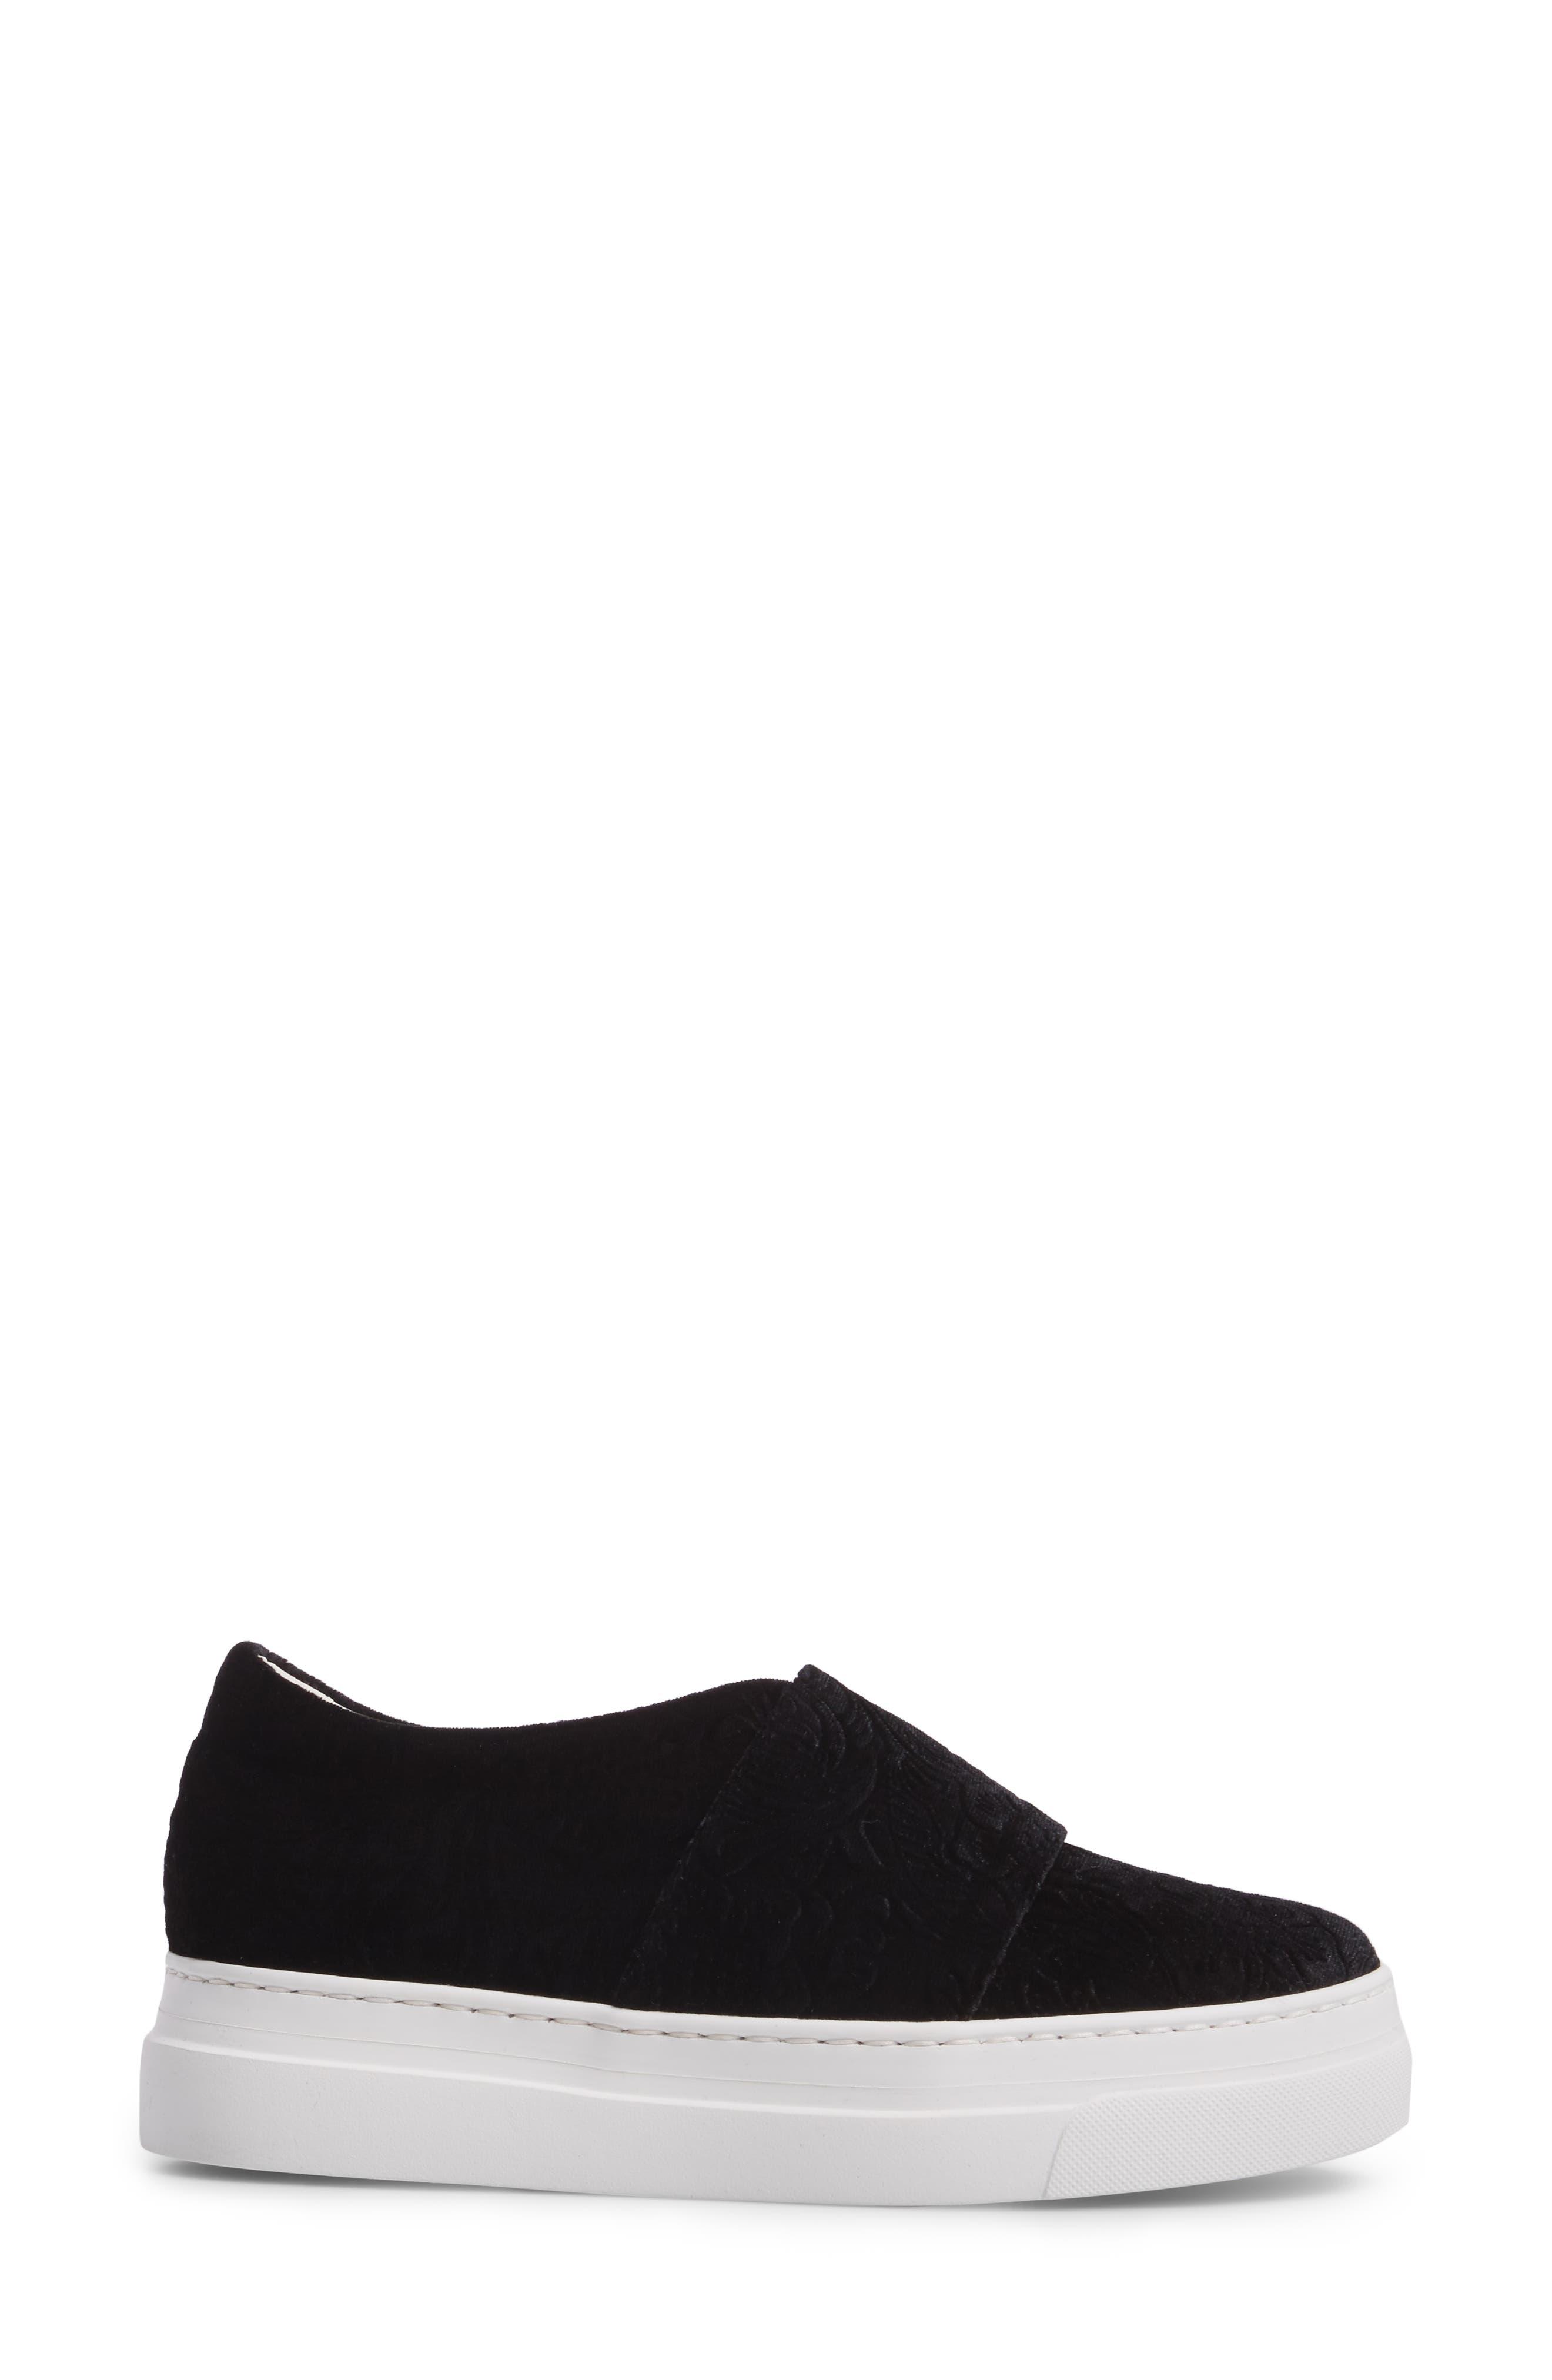 Arlo Slip-On Platform Sneaker,                             Alternate thumbnail 3, color,                             003